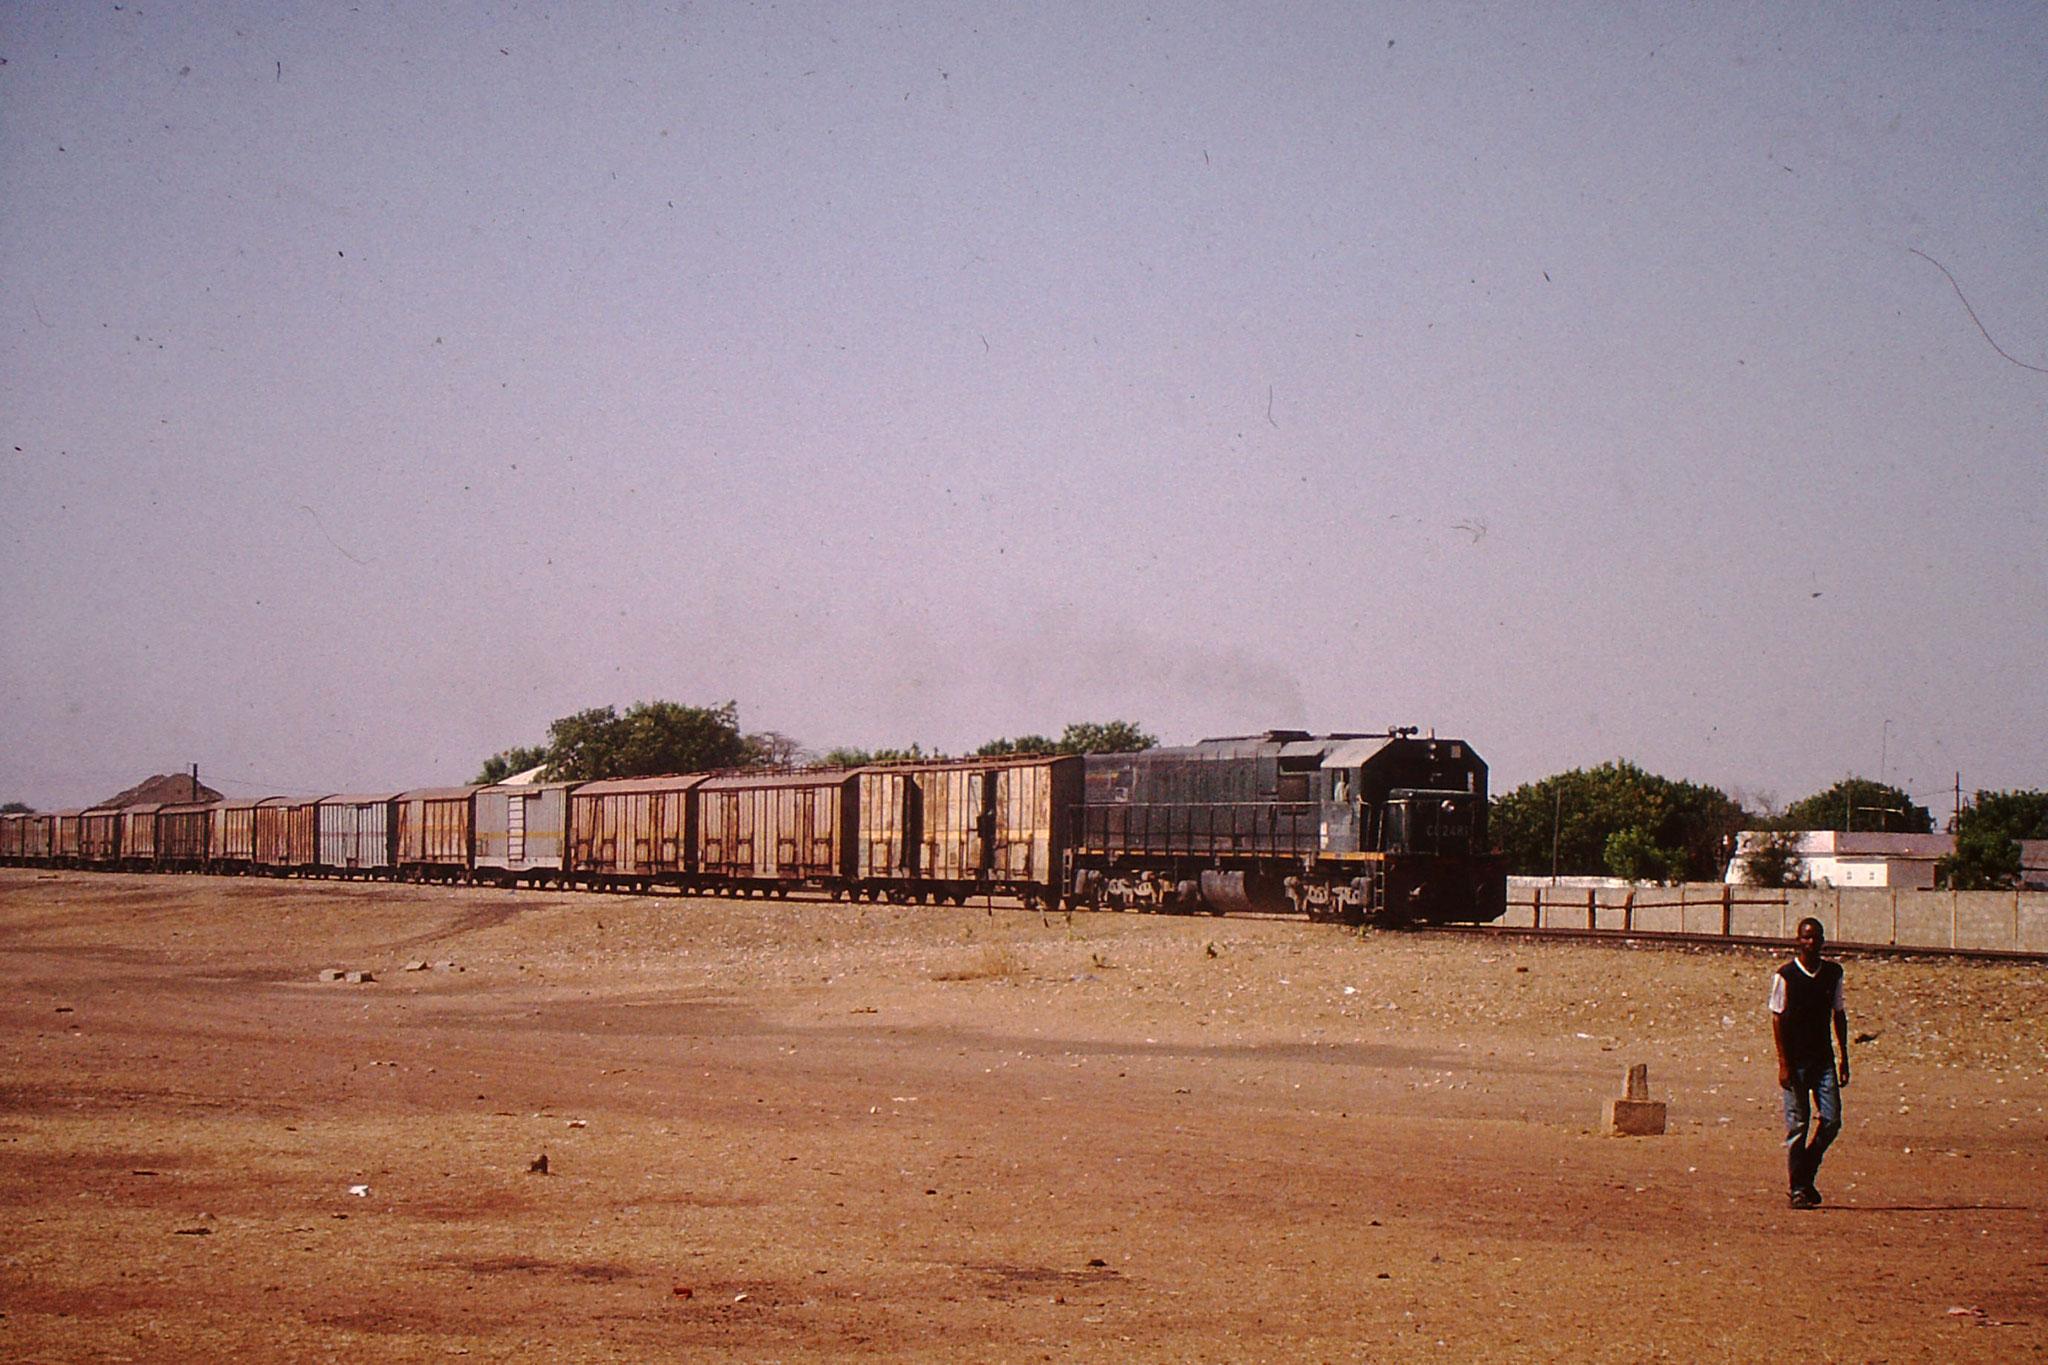 Güterzug.